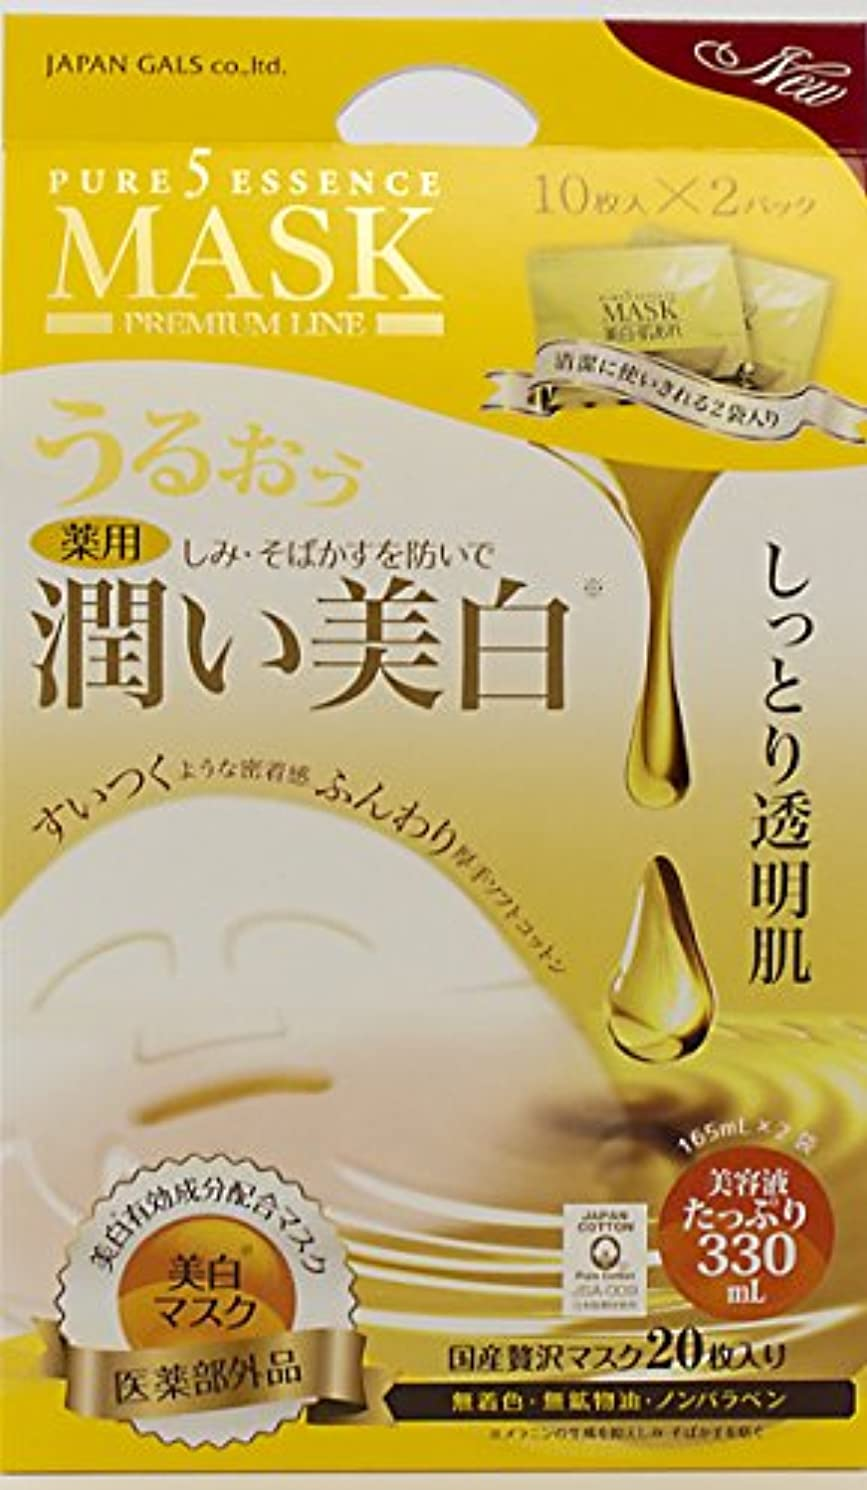 酒小間展開するジャパンギャルズ ピュア5エッセンスマスク(薬用) 10枚入り×2袋